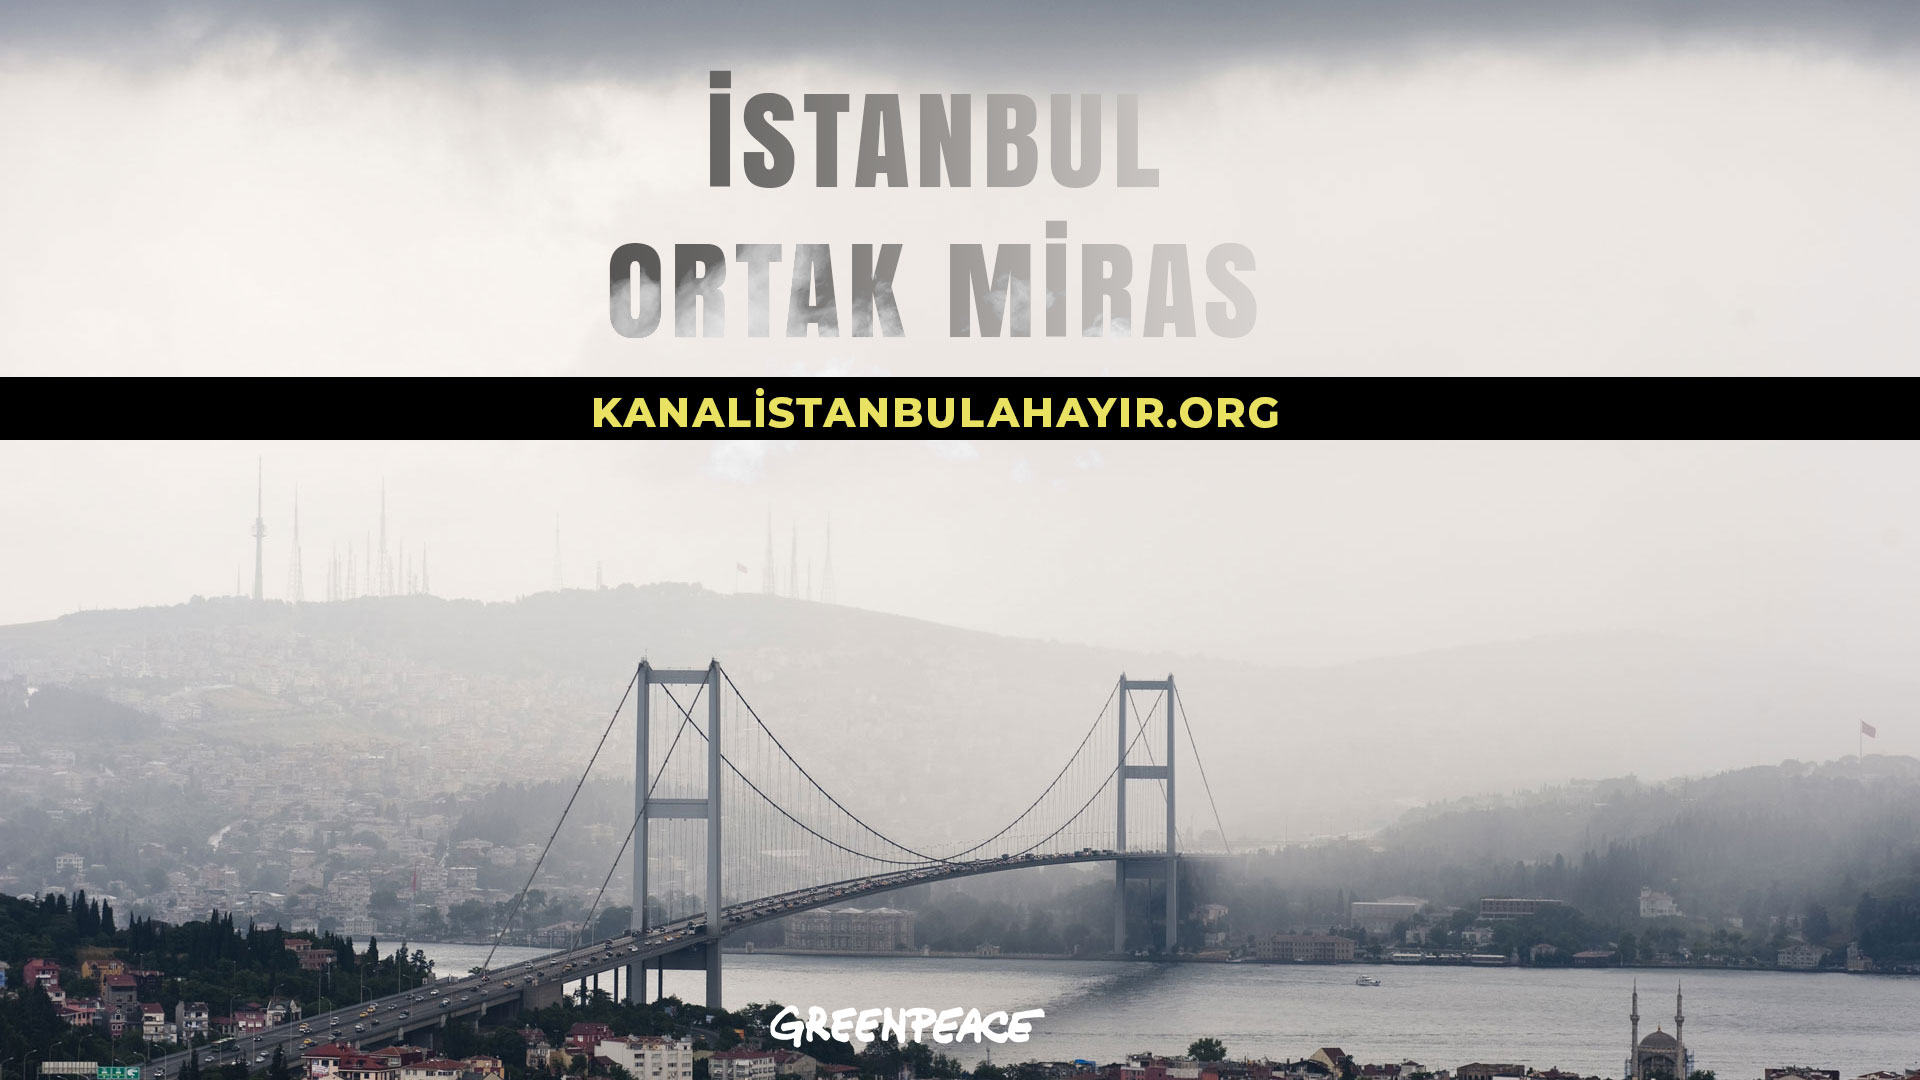 Kanal İstanbul'u konuşmasaydık ne konuşurduk?